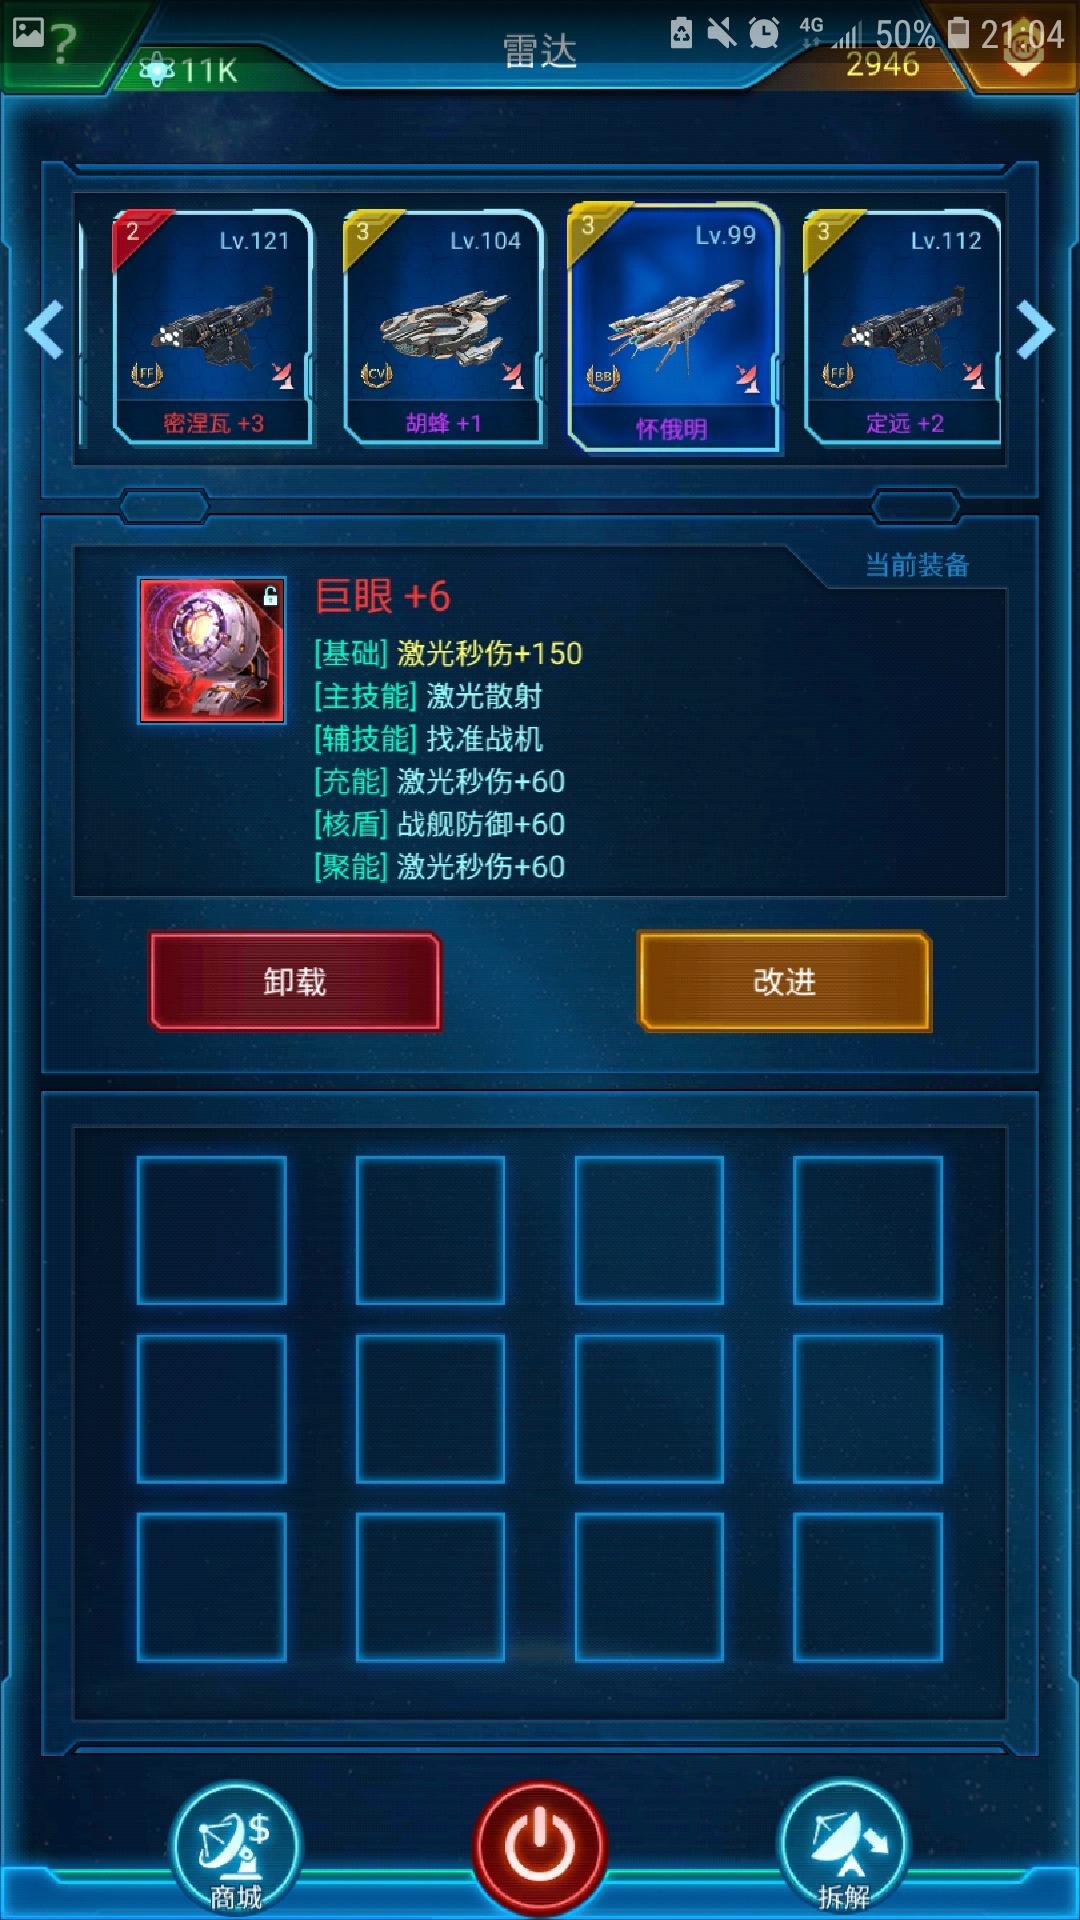 Screenshot_20190317-210411.jpg